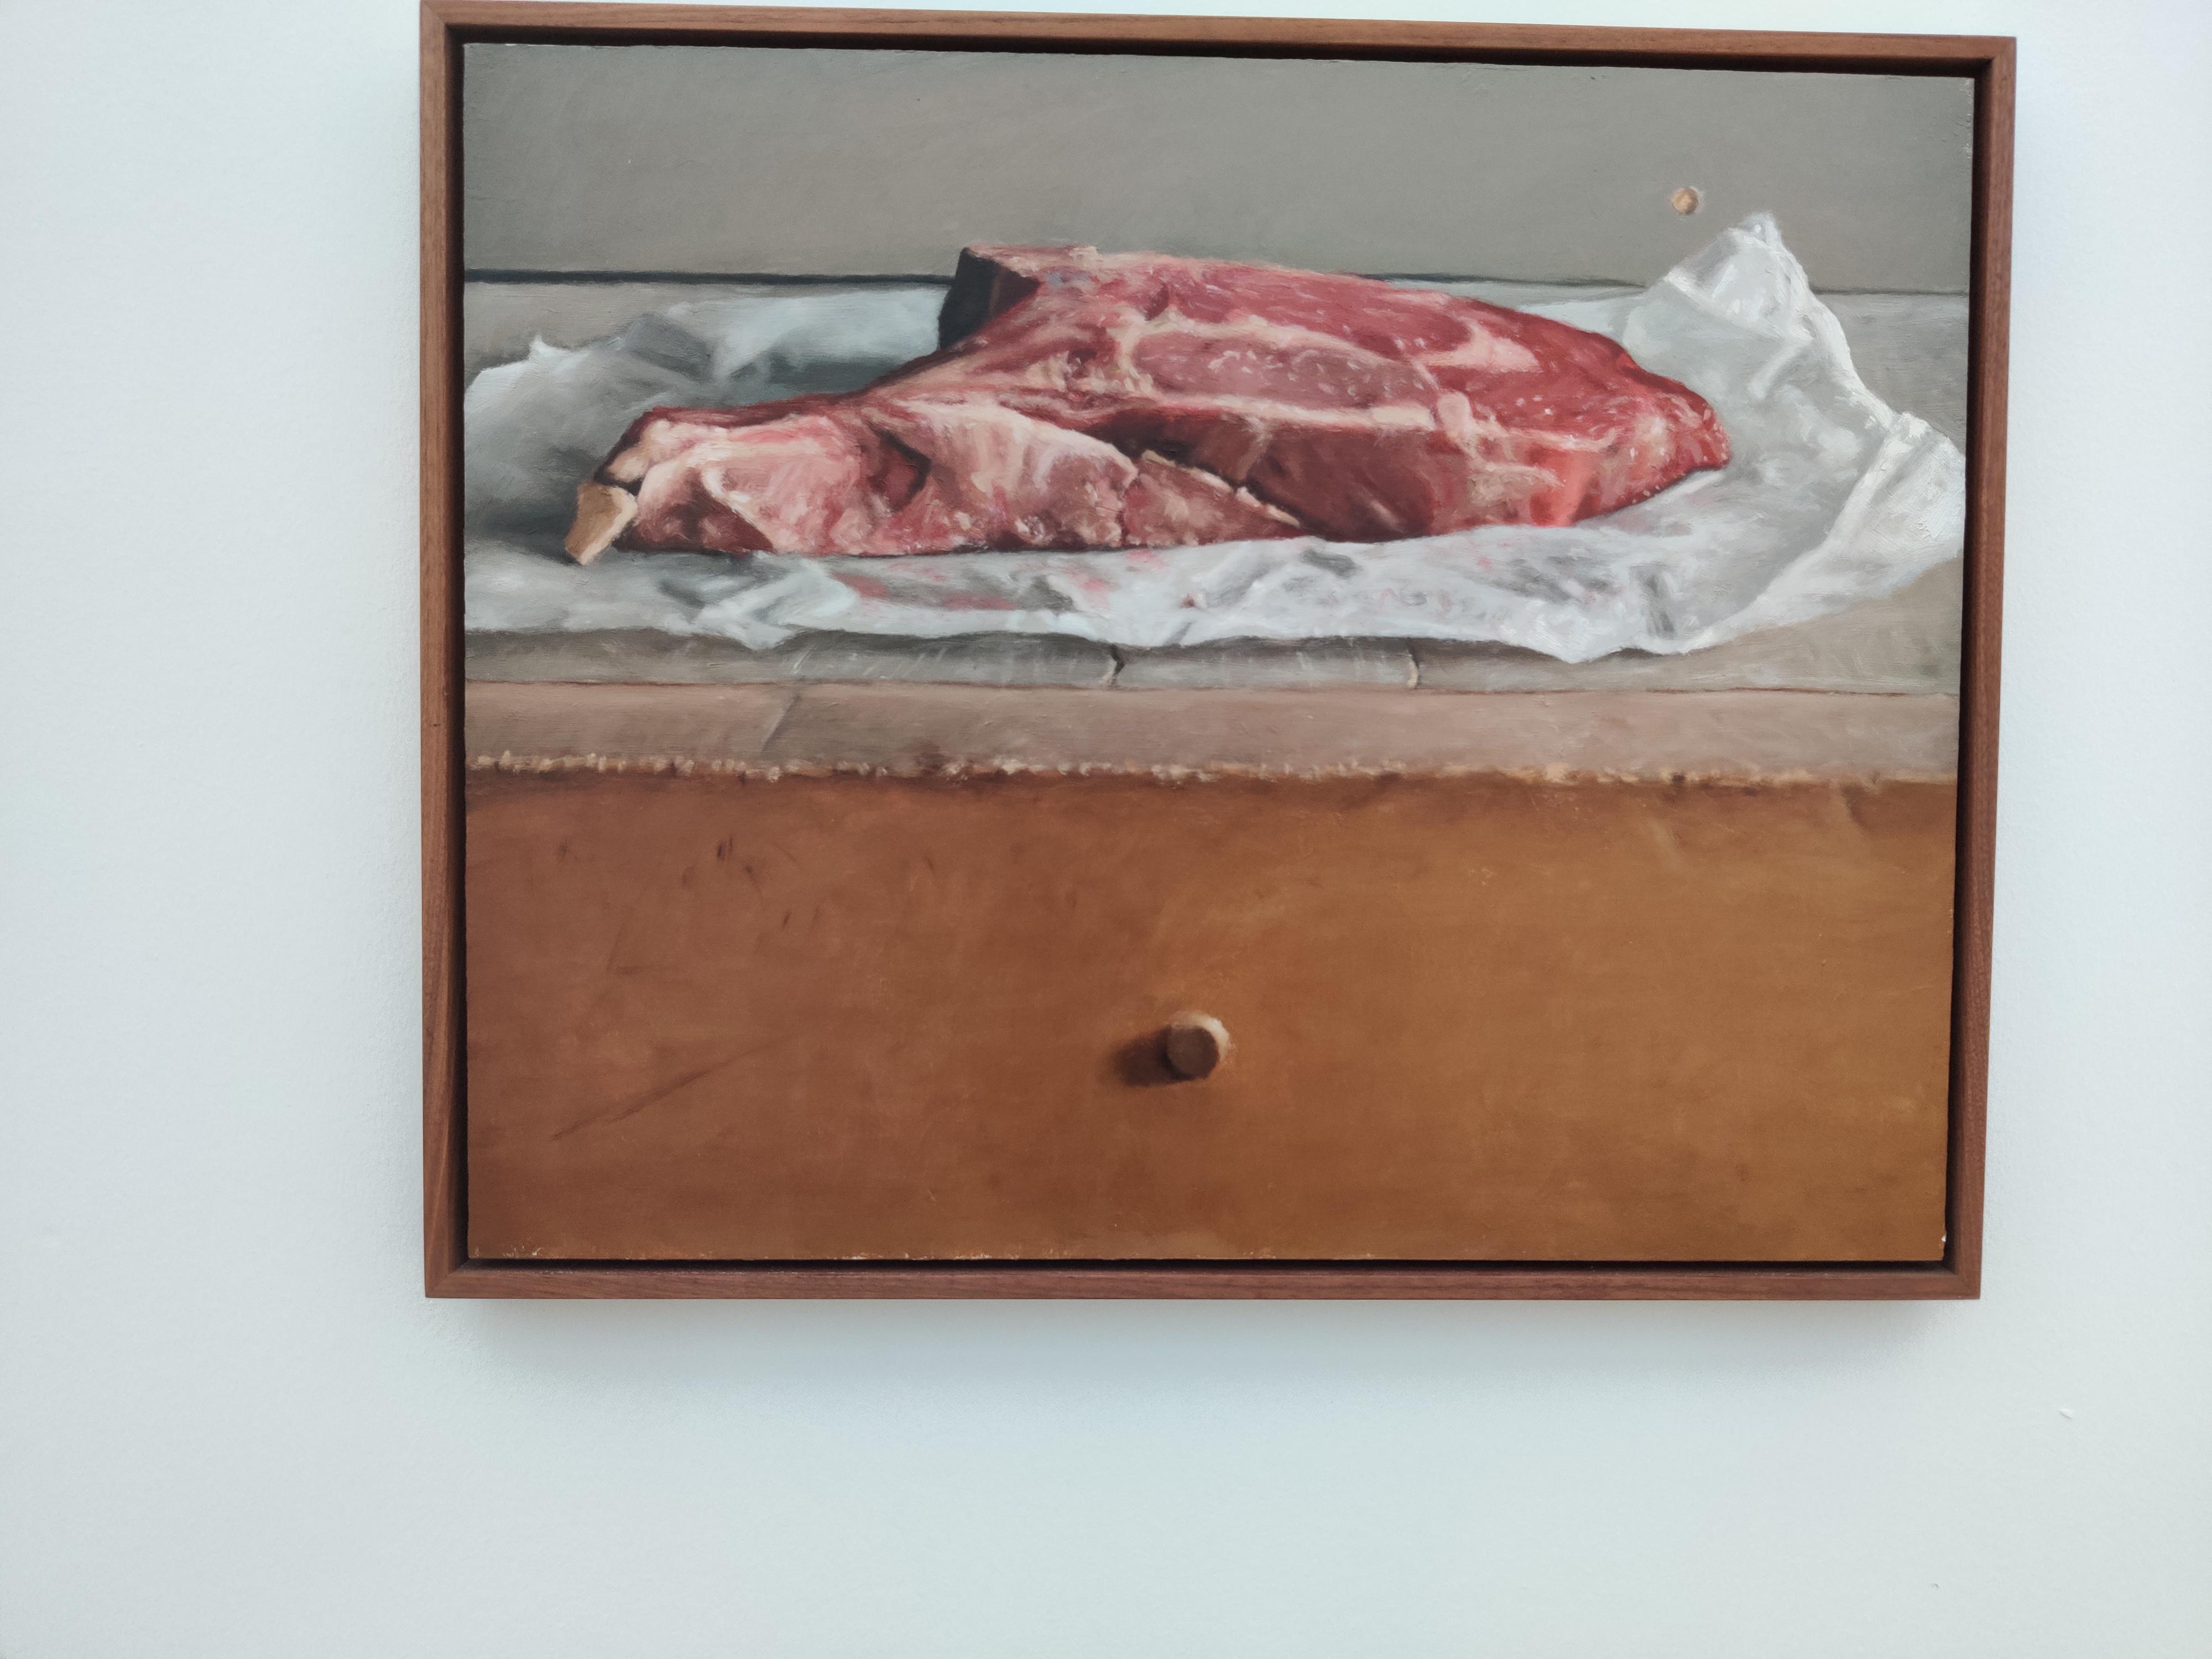 ארם גרשוני, רגרסיה, 2016.jpg